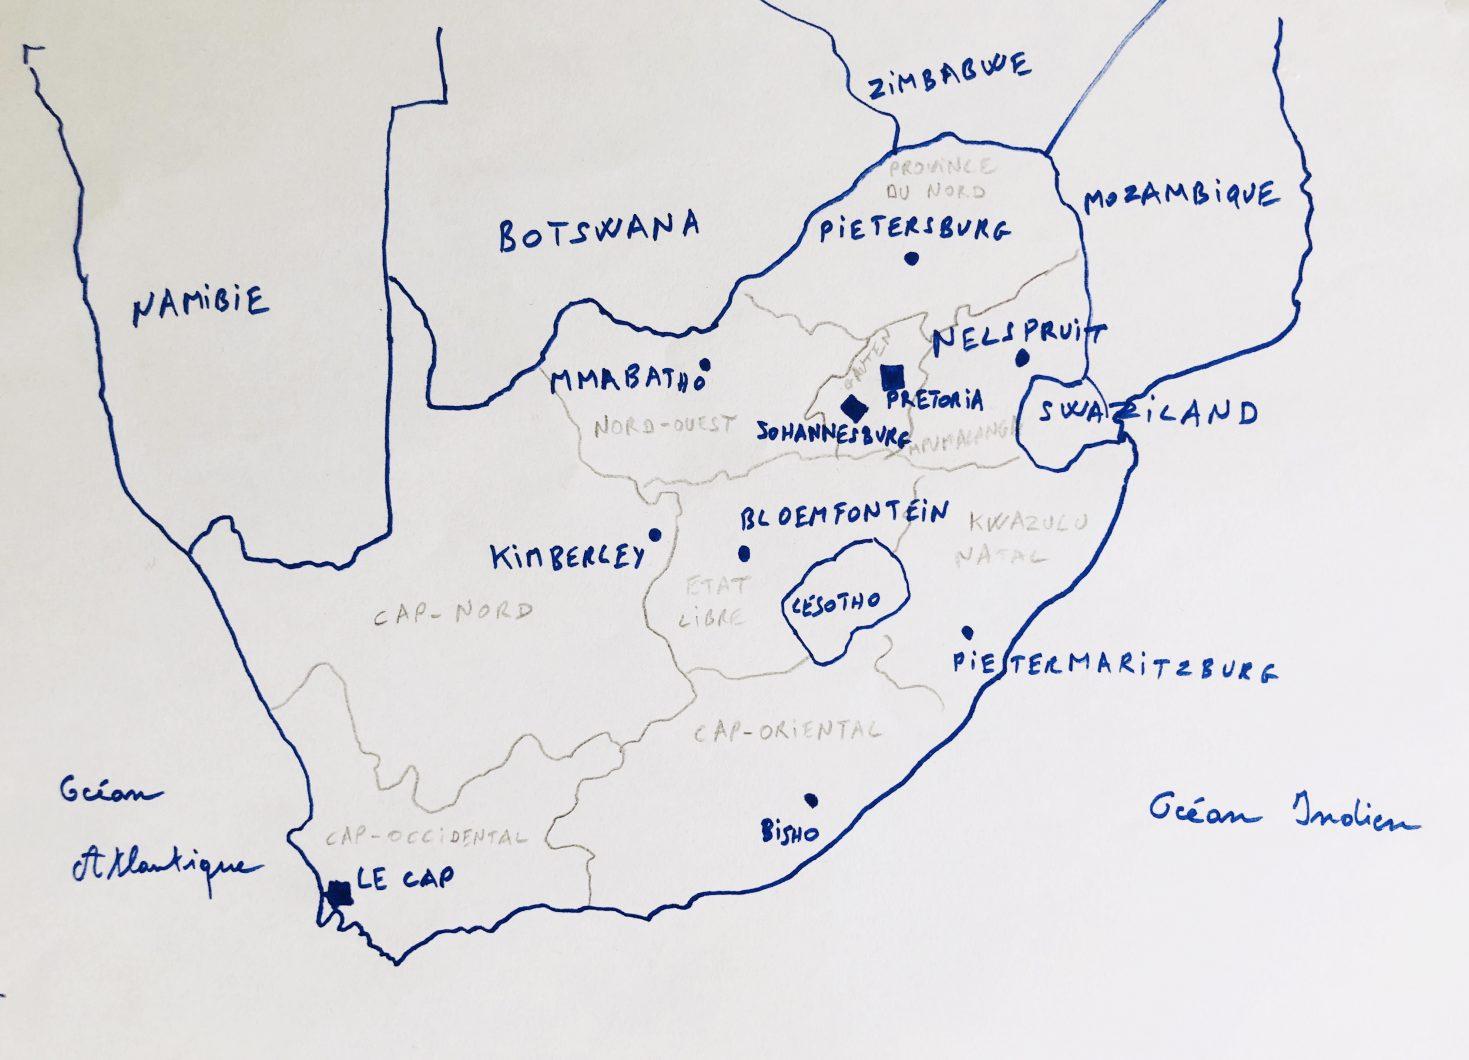 La liste des plus grandes villes d'Afrique du Sud